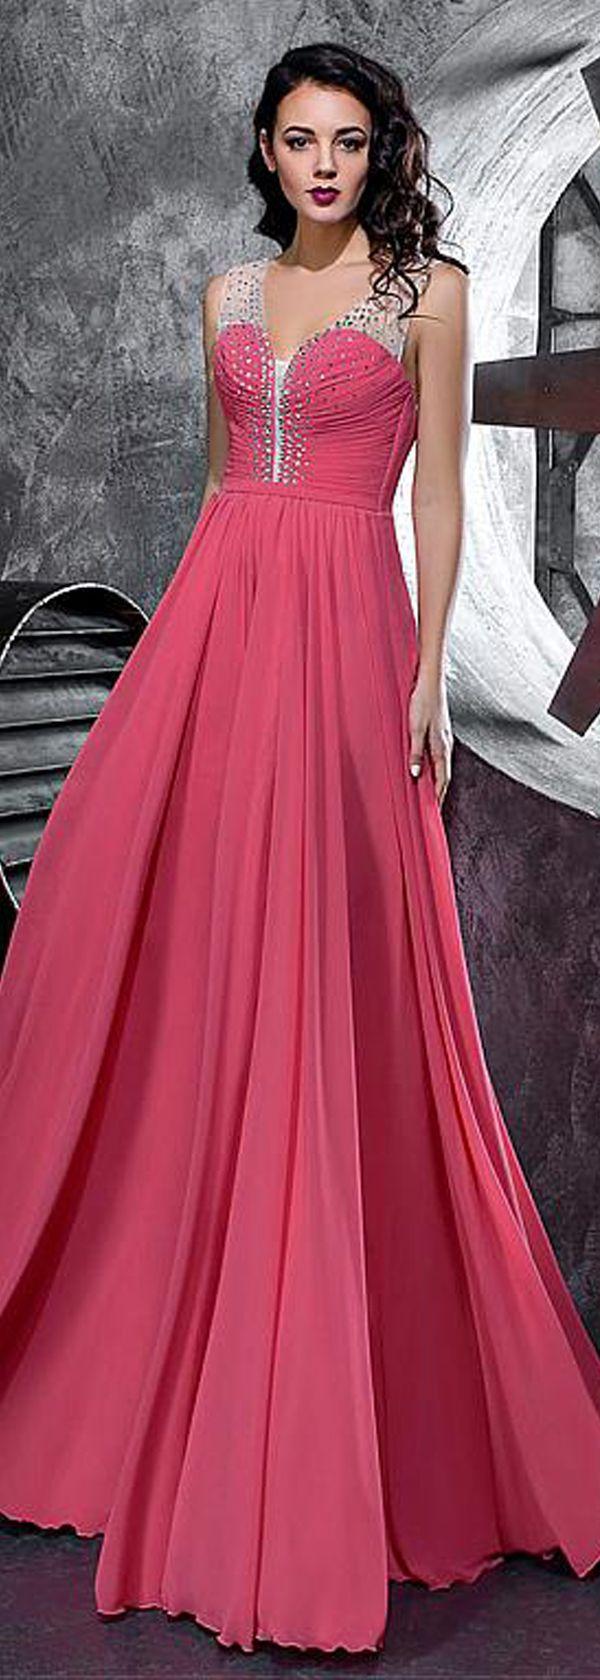 Excepcional Vestidos De Novia Gu Galería - Colección de Vestidos de ...